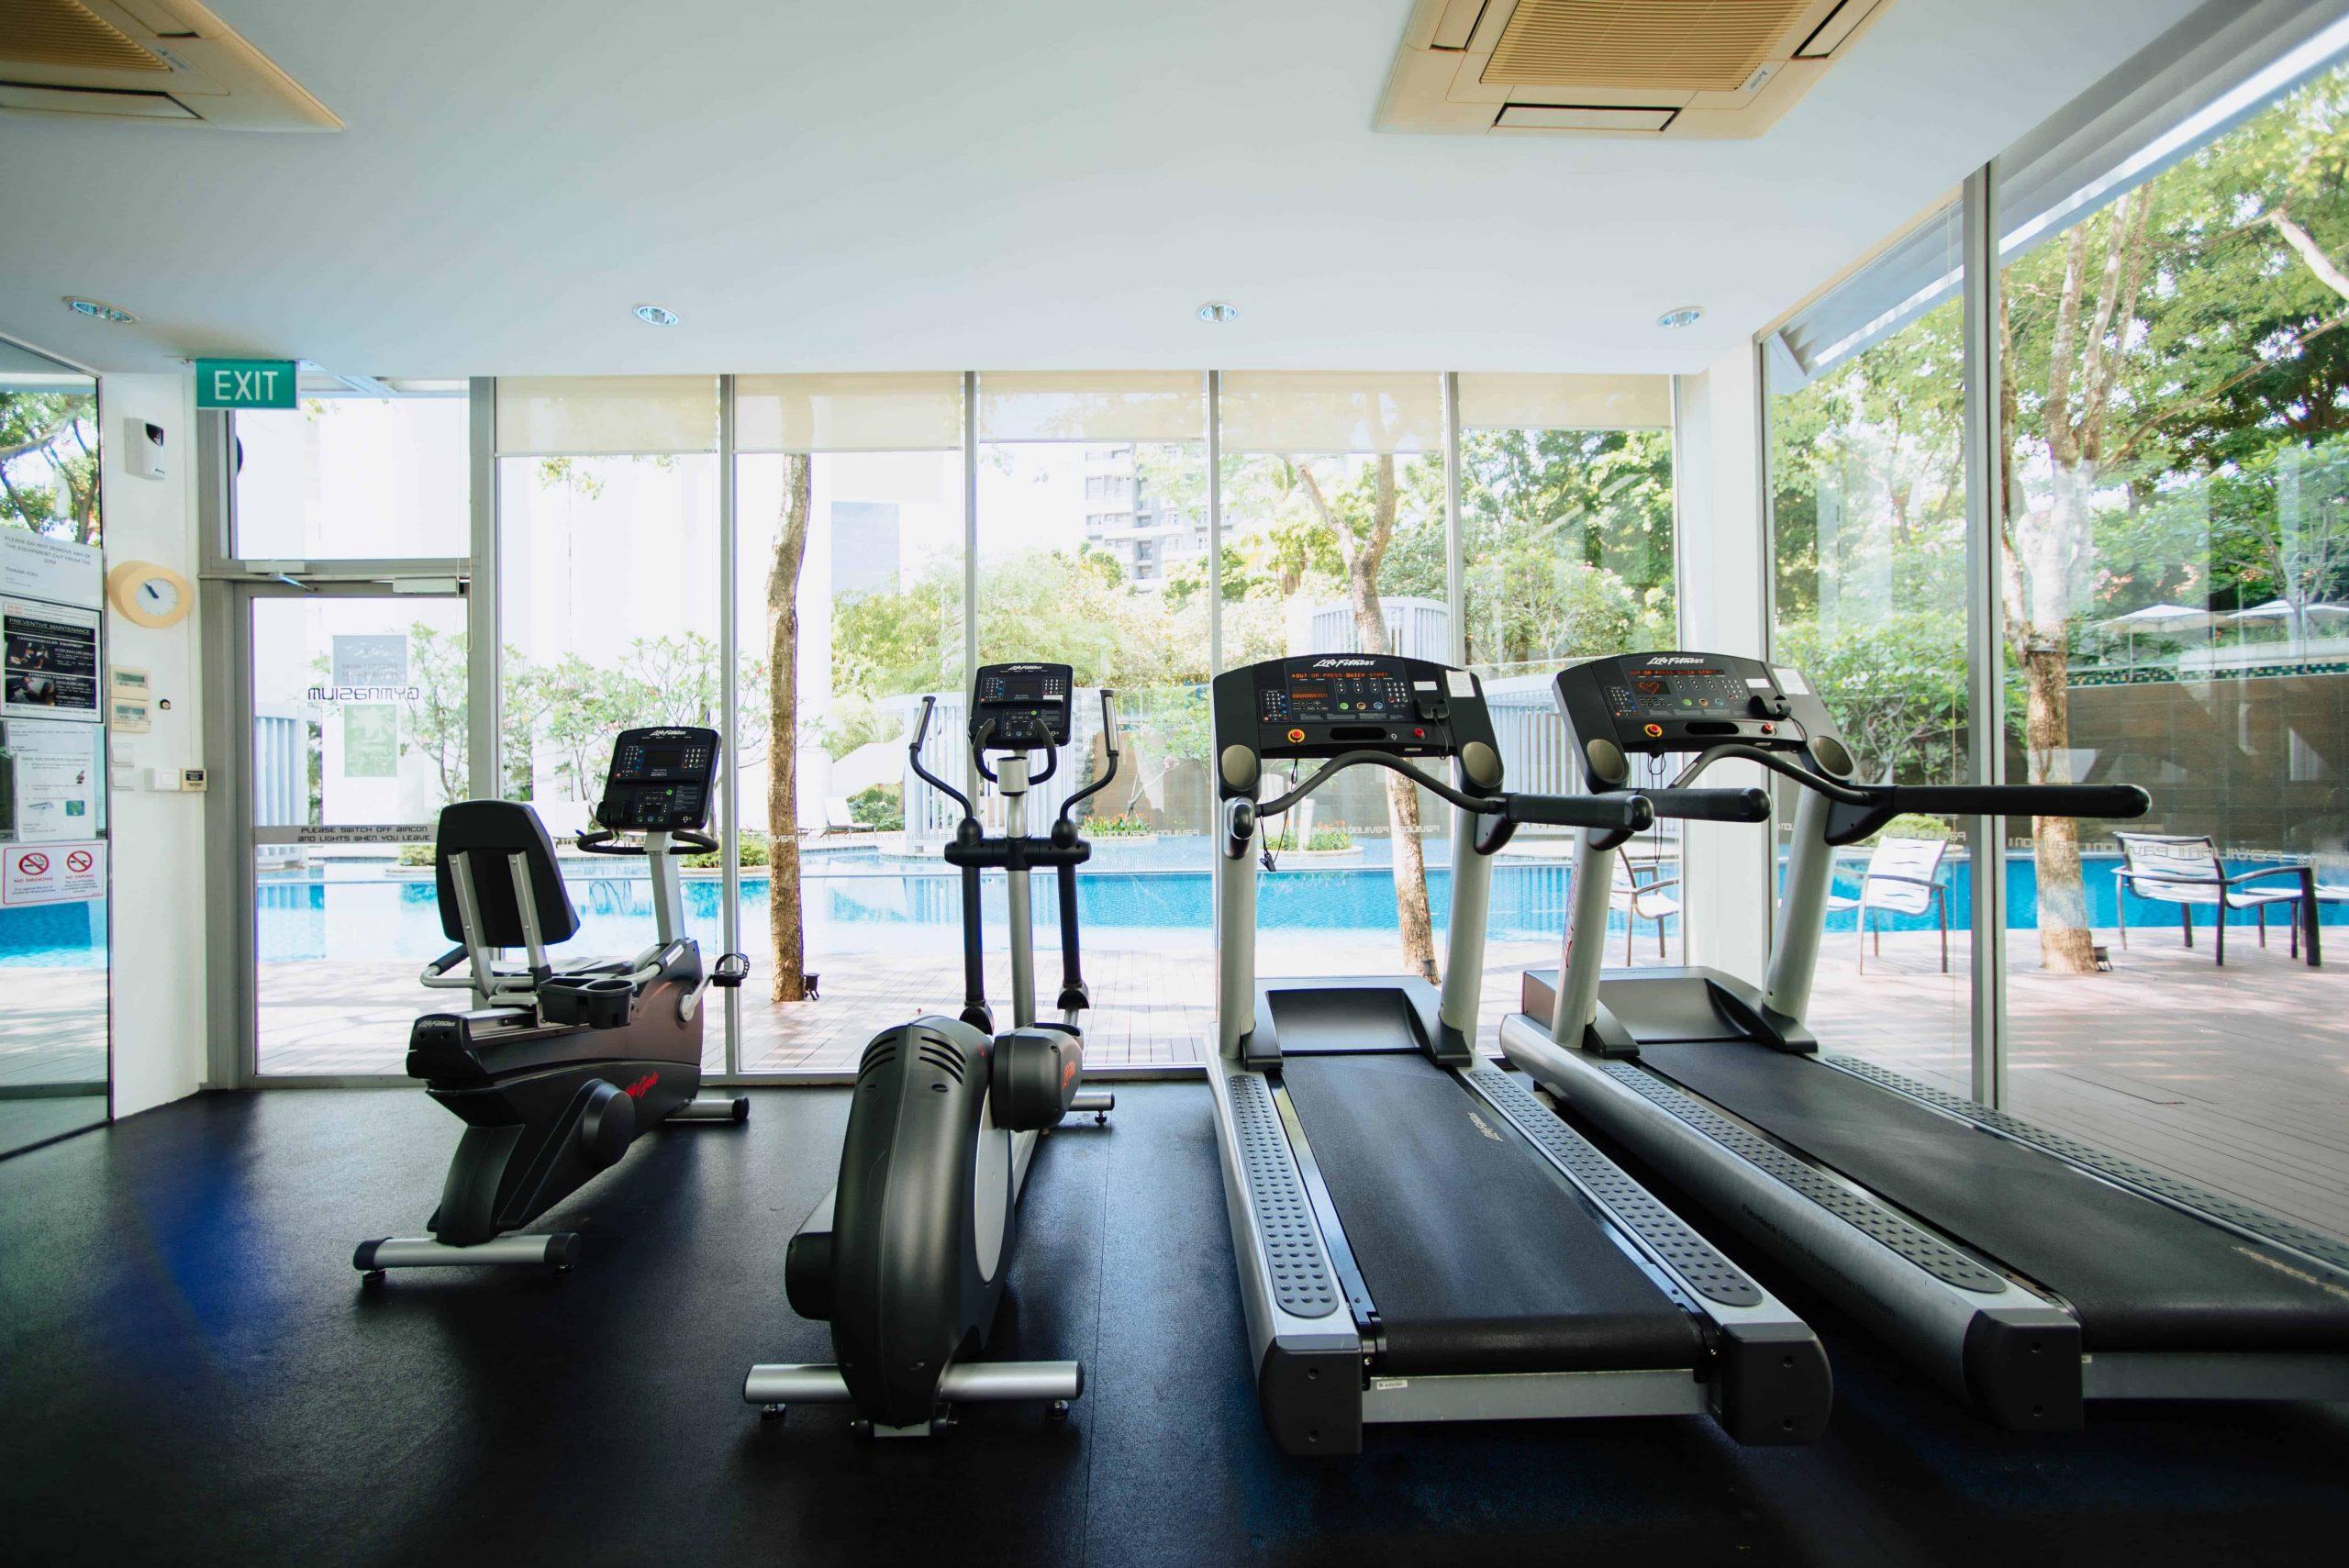 Fitnessgeräte für Zuhause: Geräte für ein effektives Home-Workout